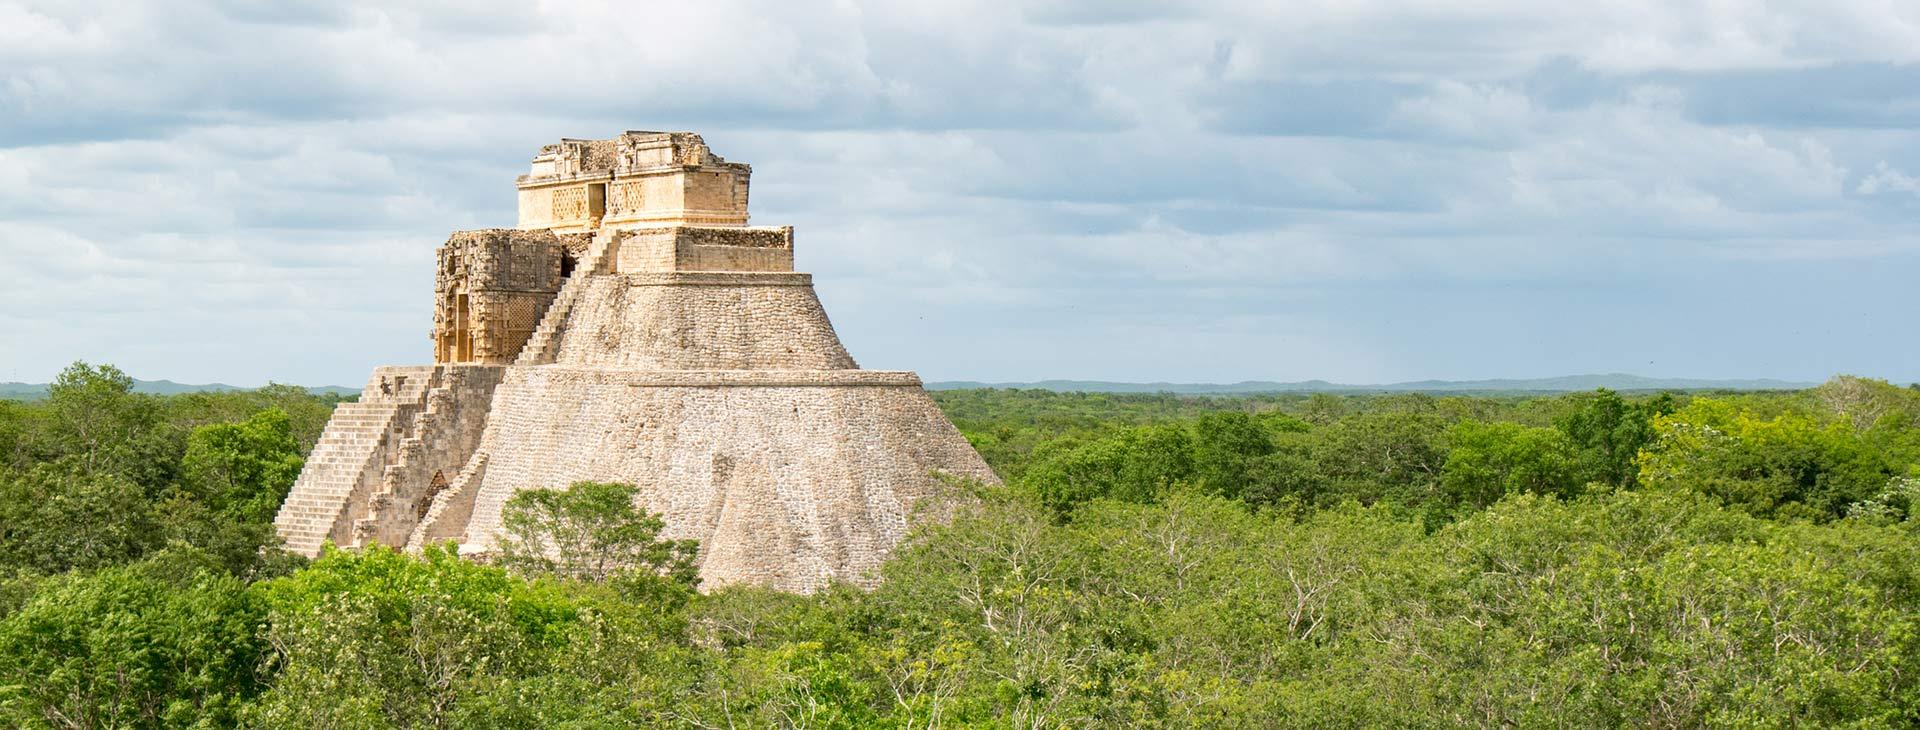 Meksyk - zaginione miasta Majów